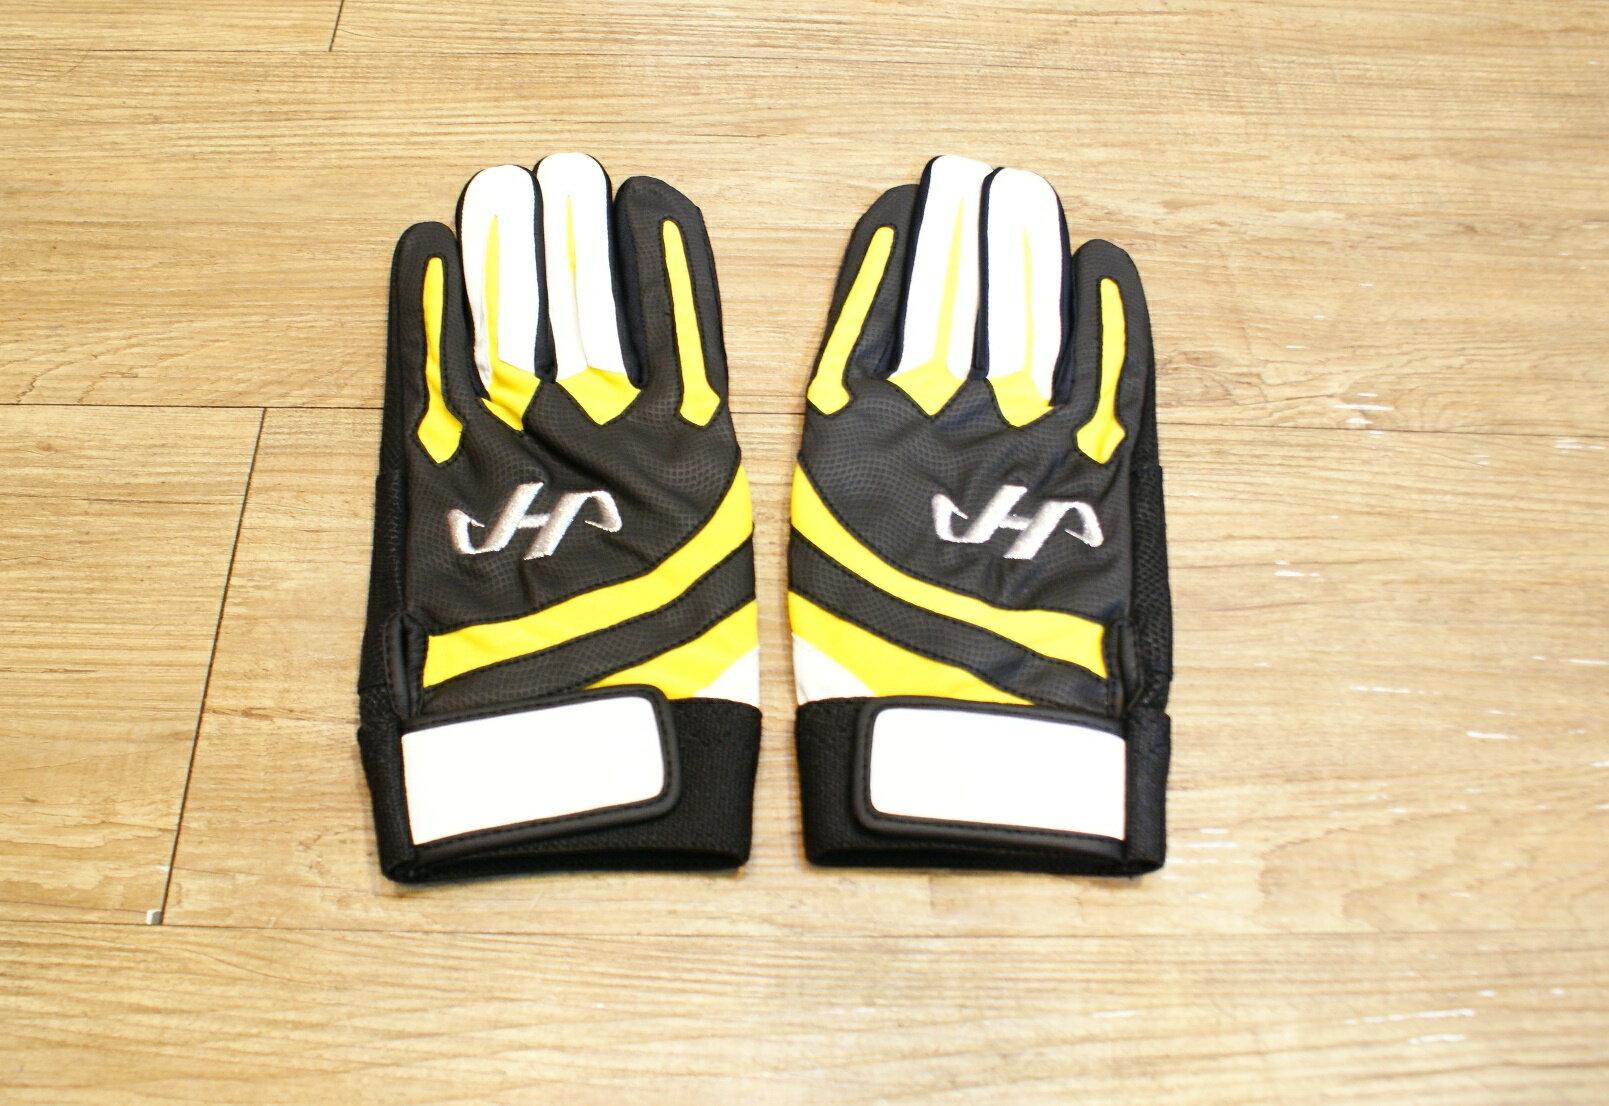 棒球世界 全新HATAKEYAMA HA配色款打擊手套 特價 黃白黑配 人氣賣家商品